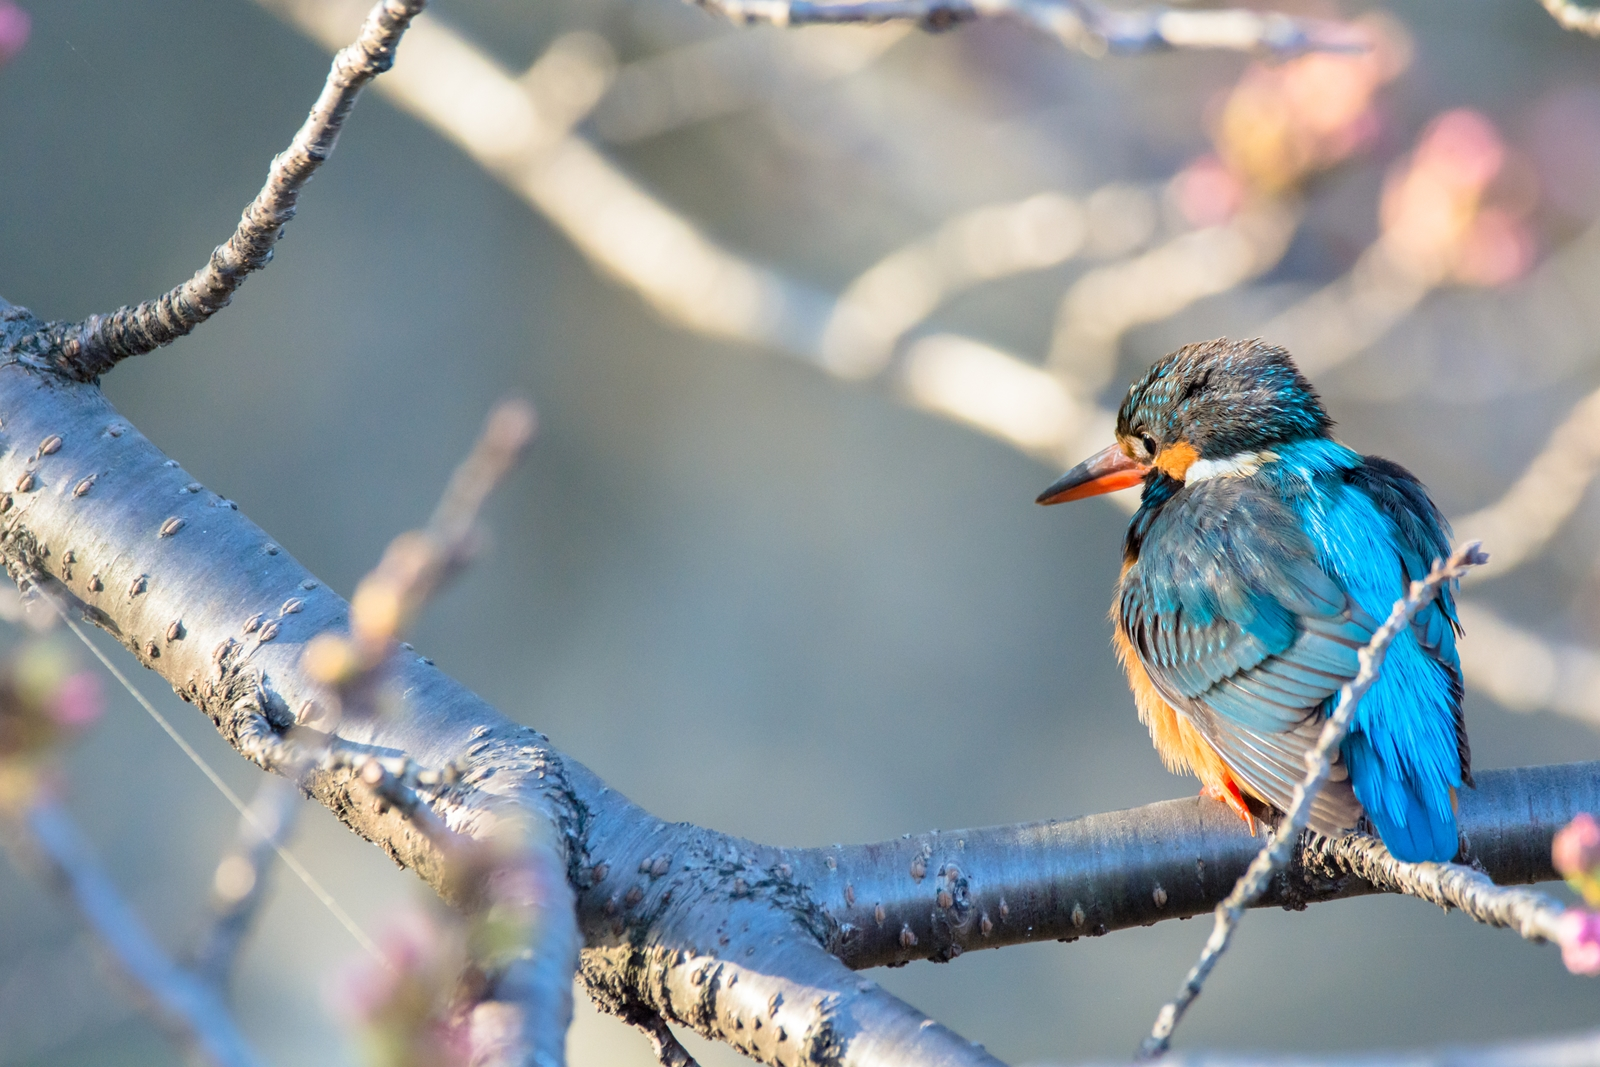 Photo: 「流れを見送る」 / Watch over the season.  そっと眺めてみる 大きな変化 小さな変化 流れの中で感じる ここにいるということ  Common Kingfisher. (カワセミ)  Nikon D7200 SIGMA 150-600mm F5-6.3 DG OS HSM Contemporary  #birdphotography #birds #kawaii #小鳥 #nikon #sigma #小鳥グラファー  ( http://takafumiooshio.com/archives/1366 )